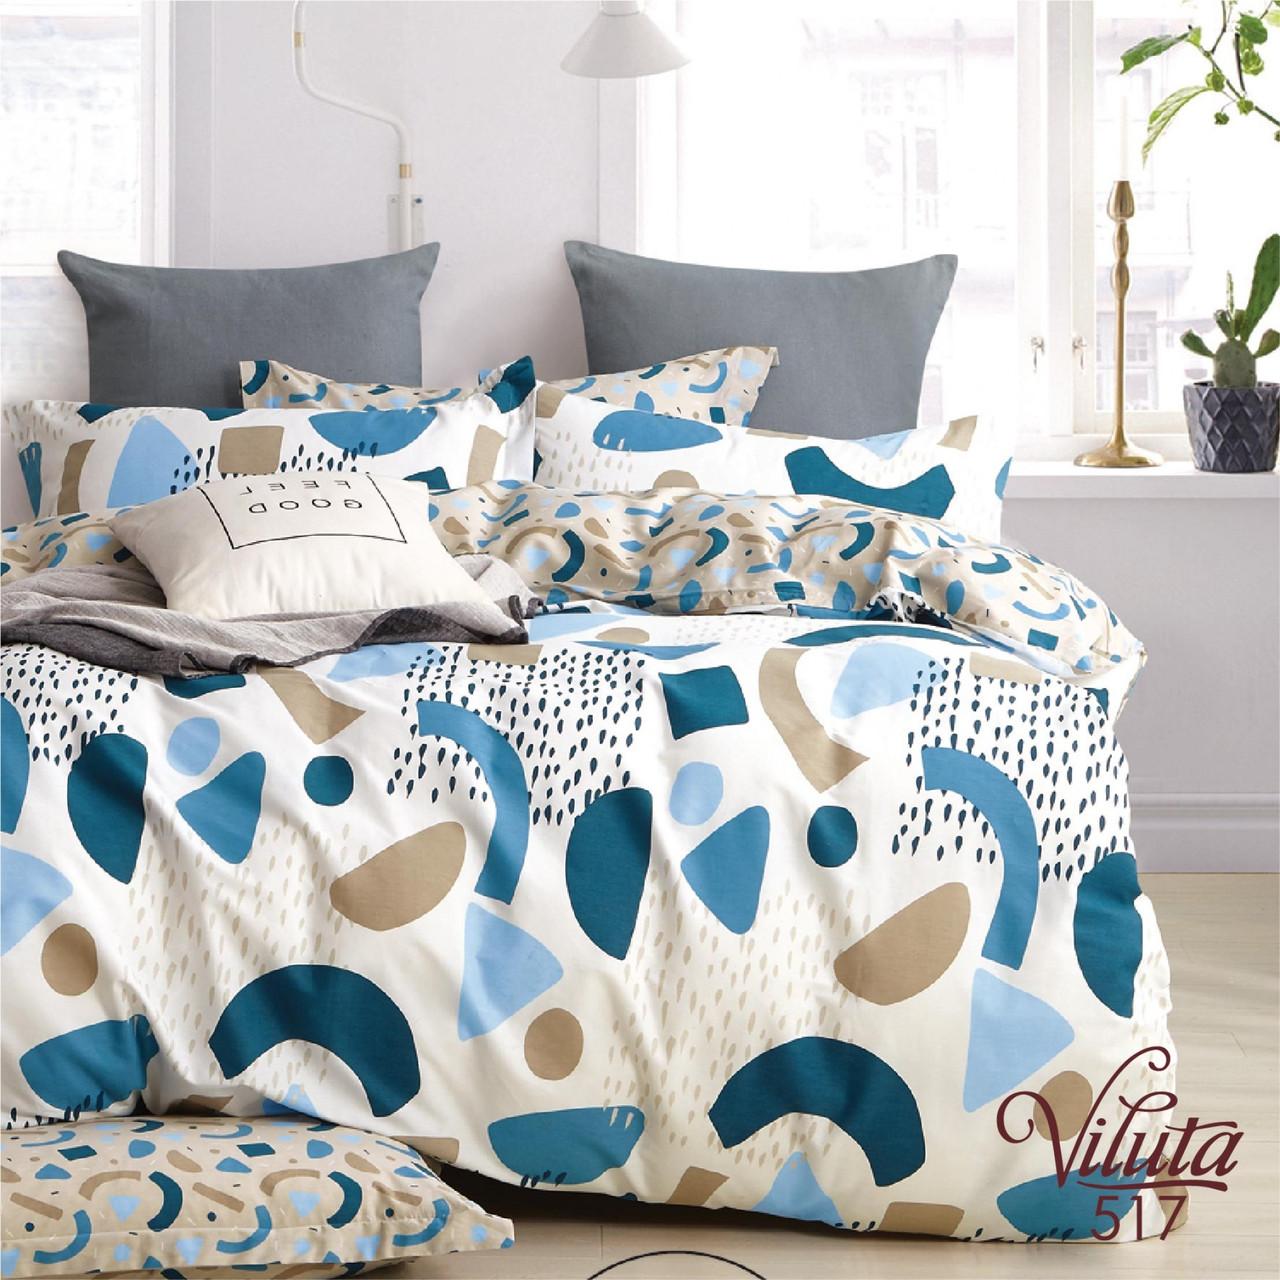 Двуспальное постельное белье твил сатин ТМ Вилюта 517